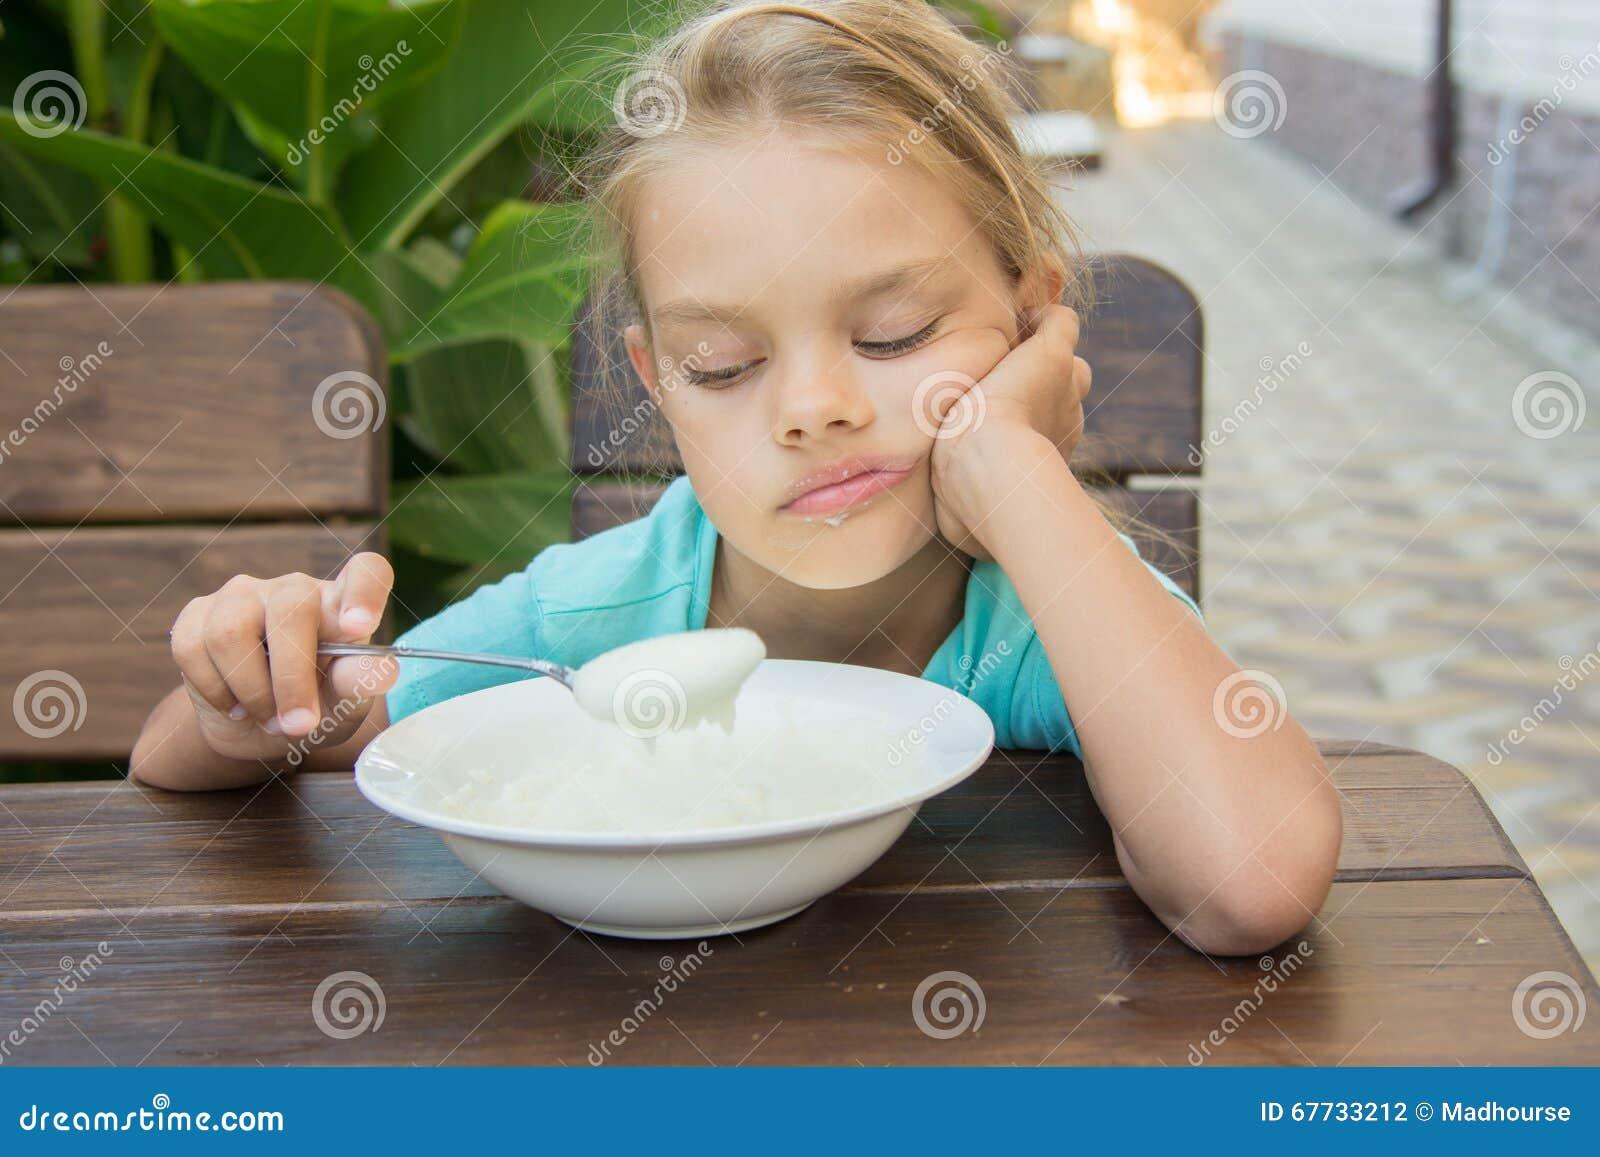 Stören Sie sechs Jährigmädchen, das traurig dem Grieß in einem Löffel auf Frühstück betrachtet